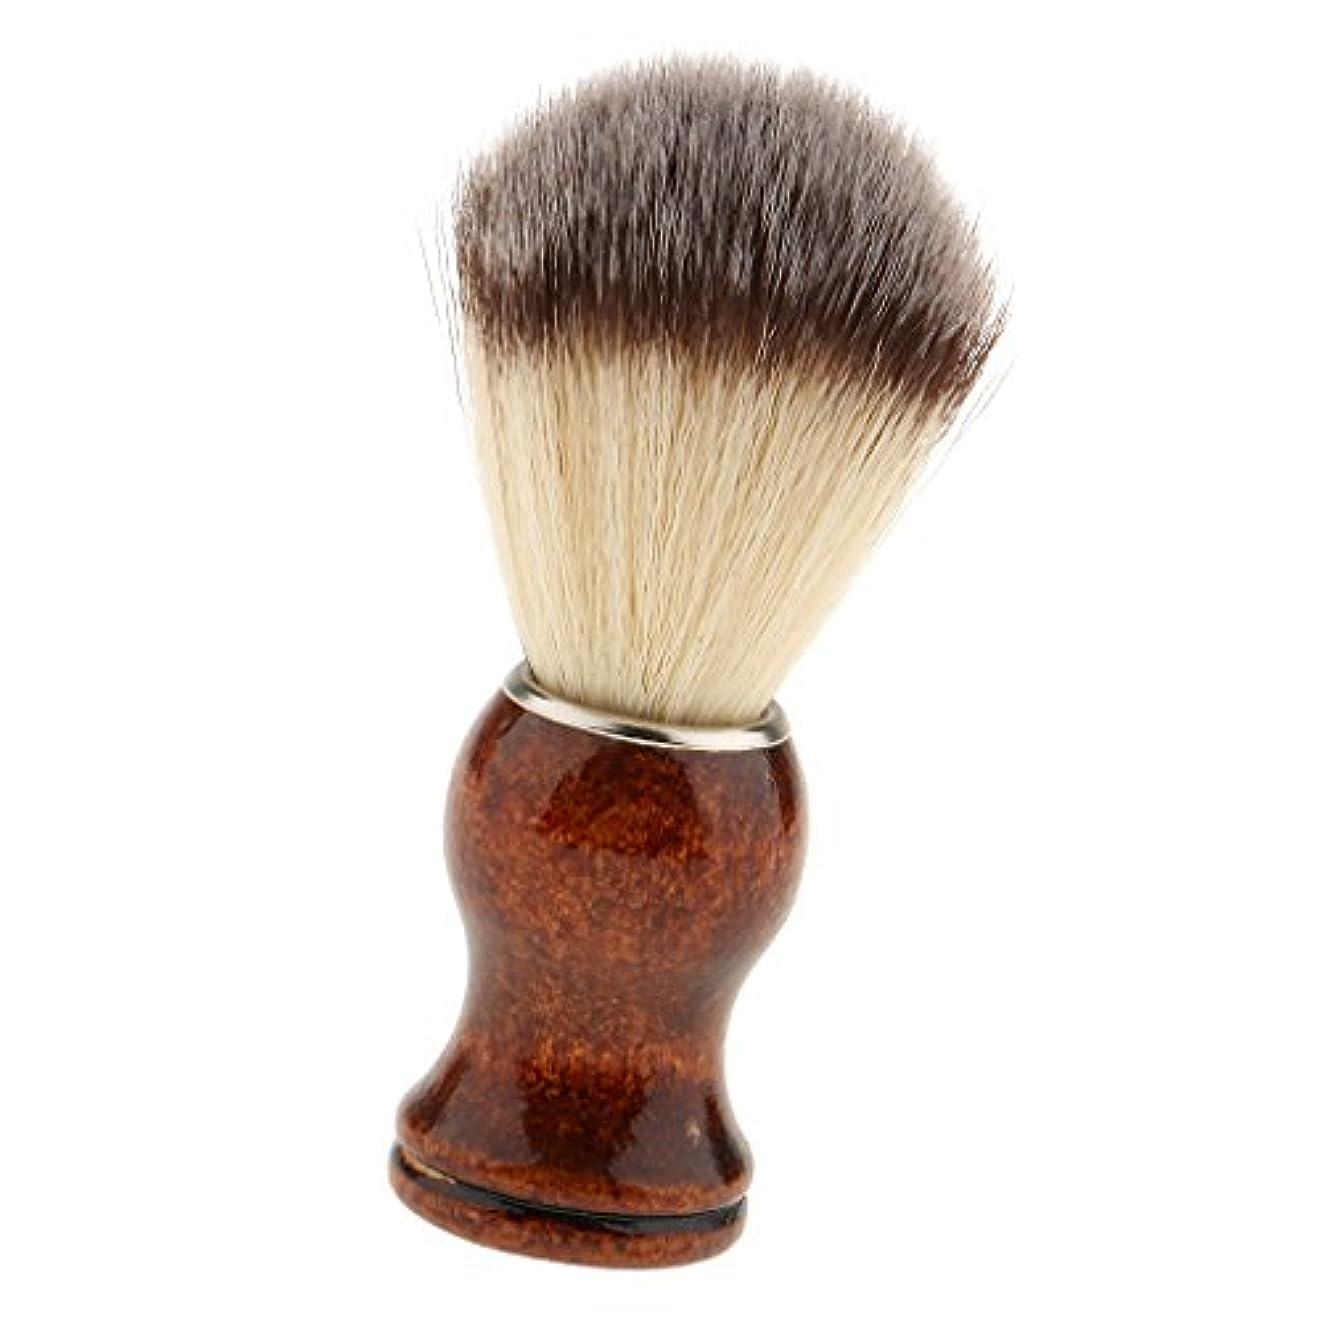 言い直すつぼみ硬さサロン ひげブラシ シェービングブラシ メンズ用 ナイロン 理髪用 快適 首/顔 散髪整理 泡たてやすい